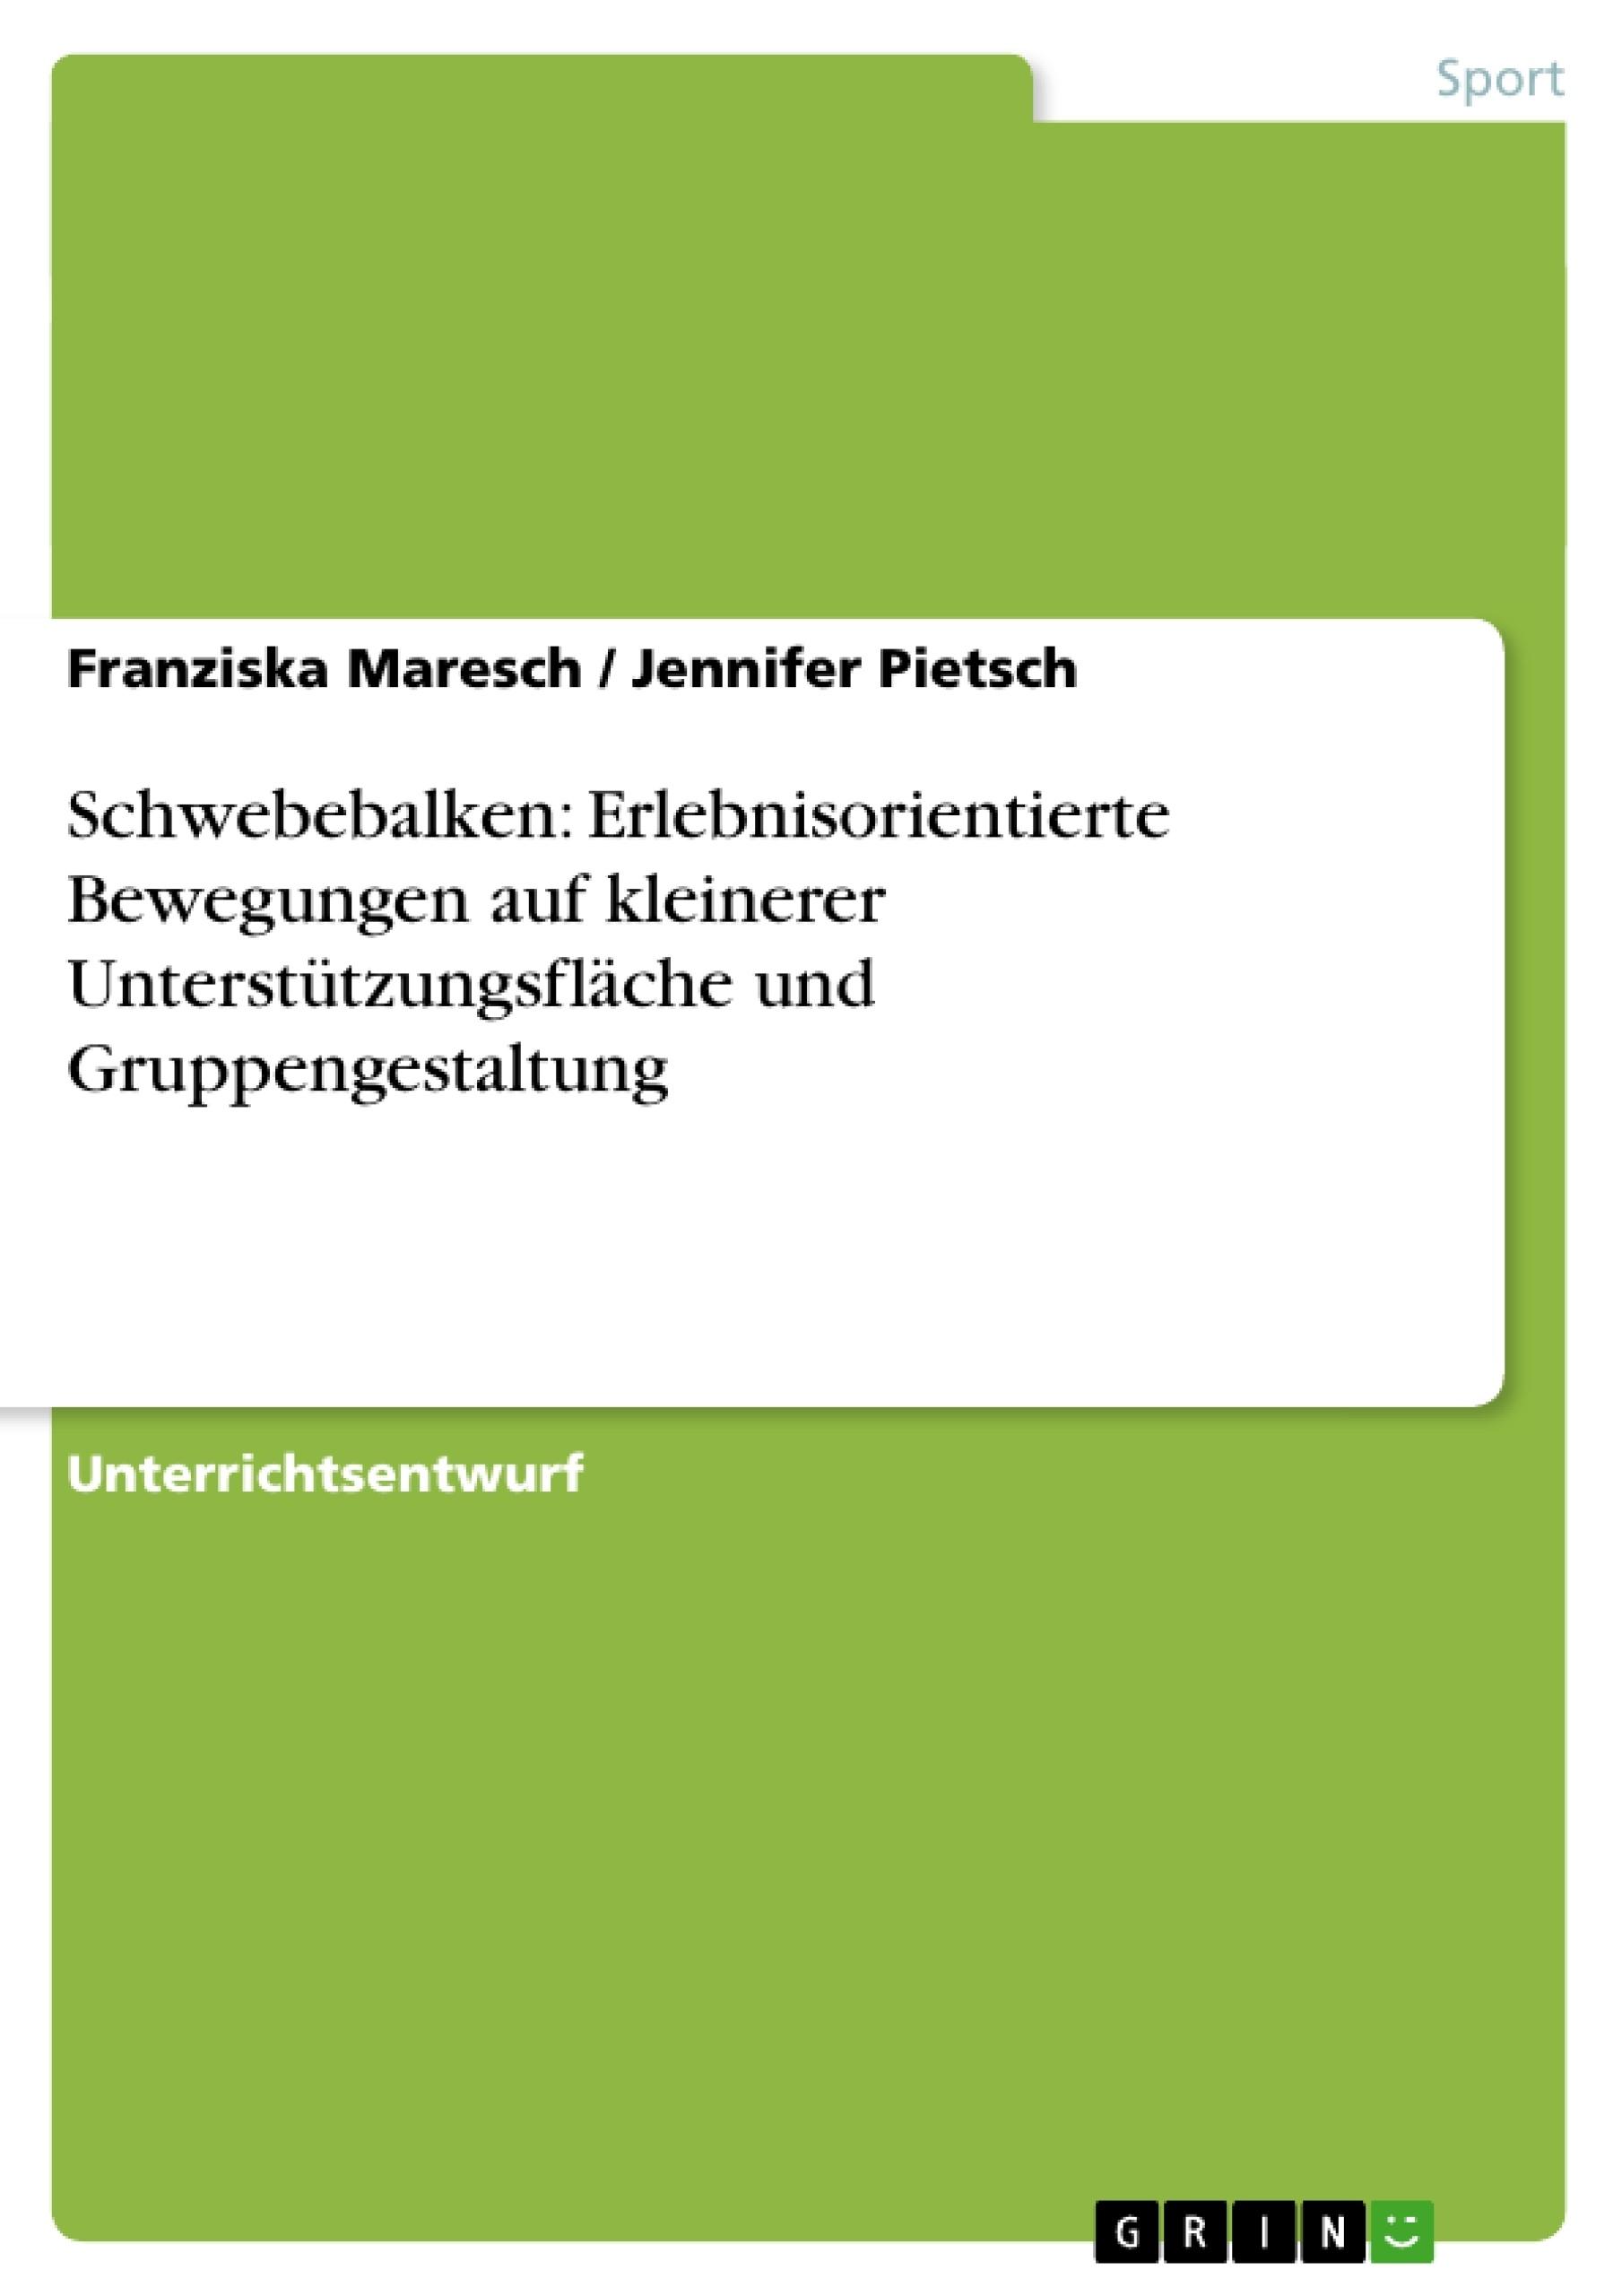 Titel: Schwebebalken: Erlebnisorientierte Bewegungen auf kleinerer Unterstützungsfläche und Gruppengestaltung